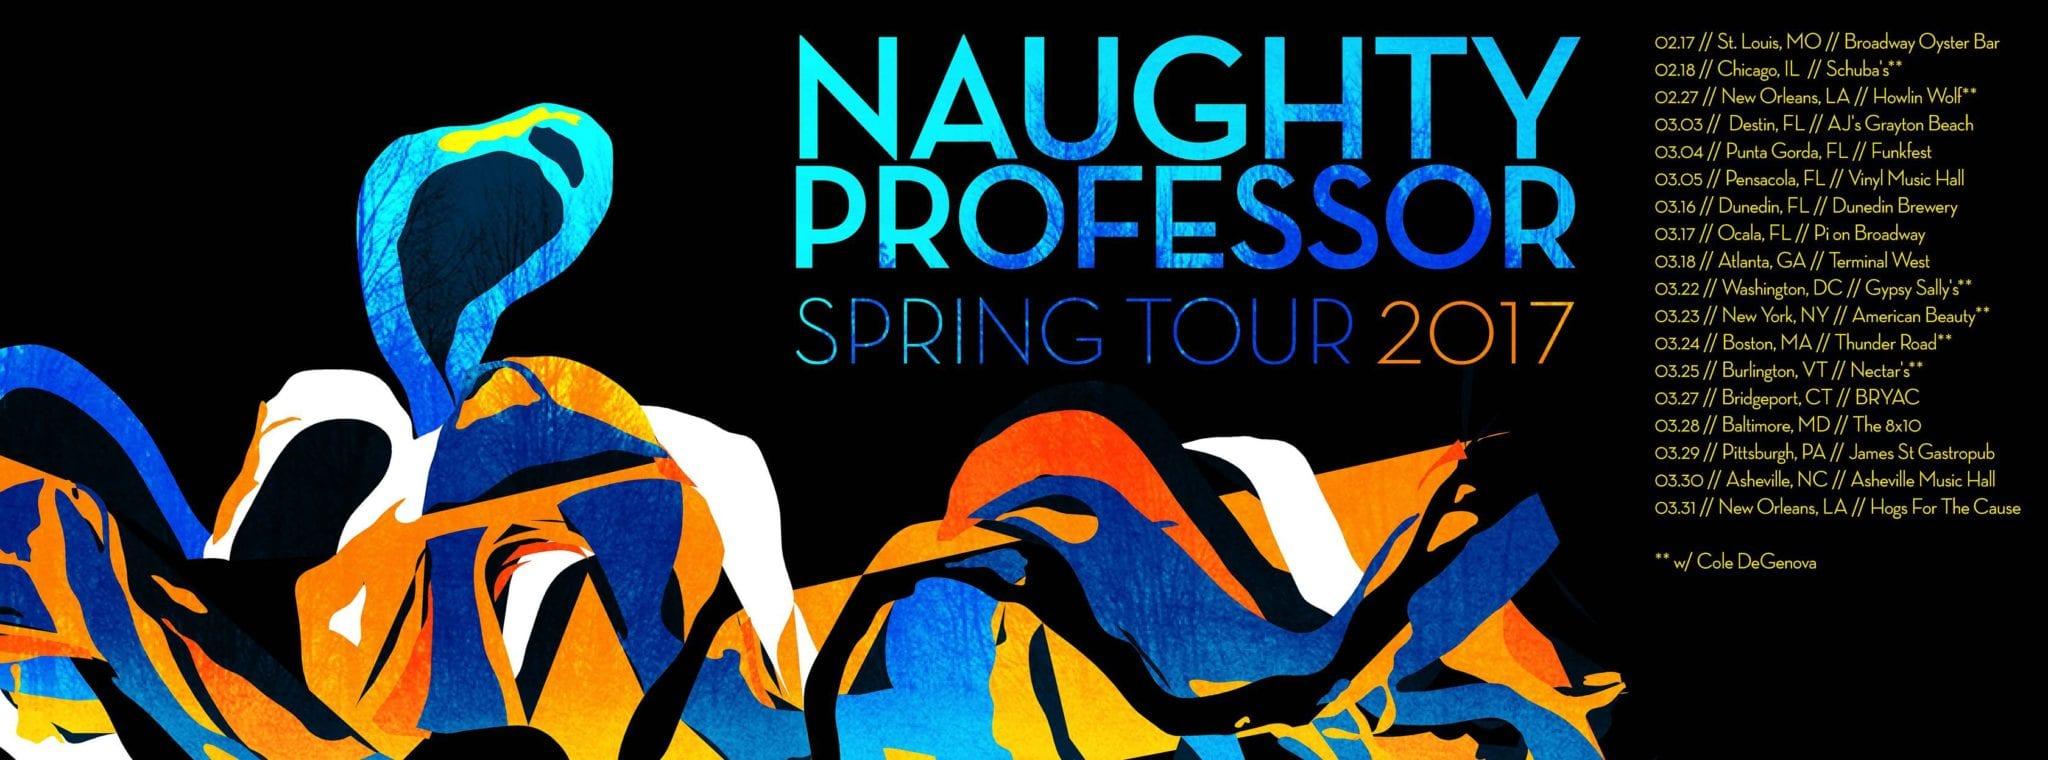 NAUGHTY. PROFESSOR. For Real. (Again) - MUSICFESTNEWS